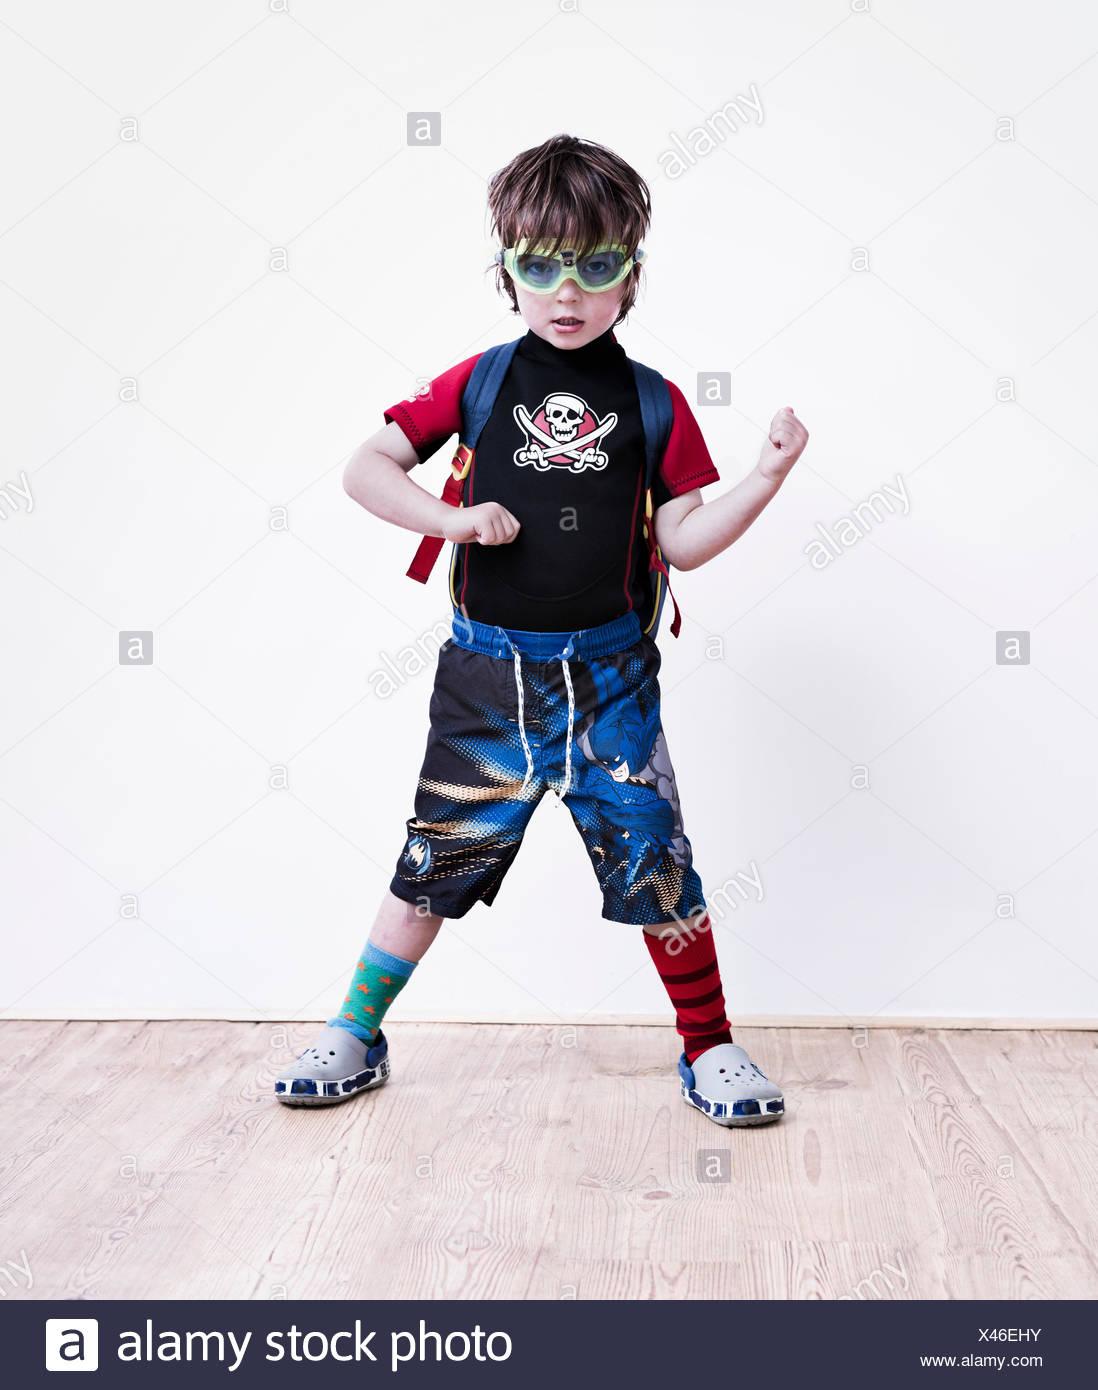 Un garçon debout les jambes écartées posing in fancy dress, vêtu d'un tee-shirt pirate, lunettes et long short. Photo Stock